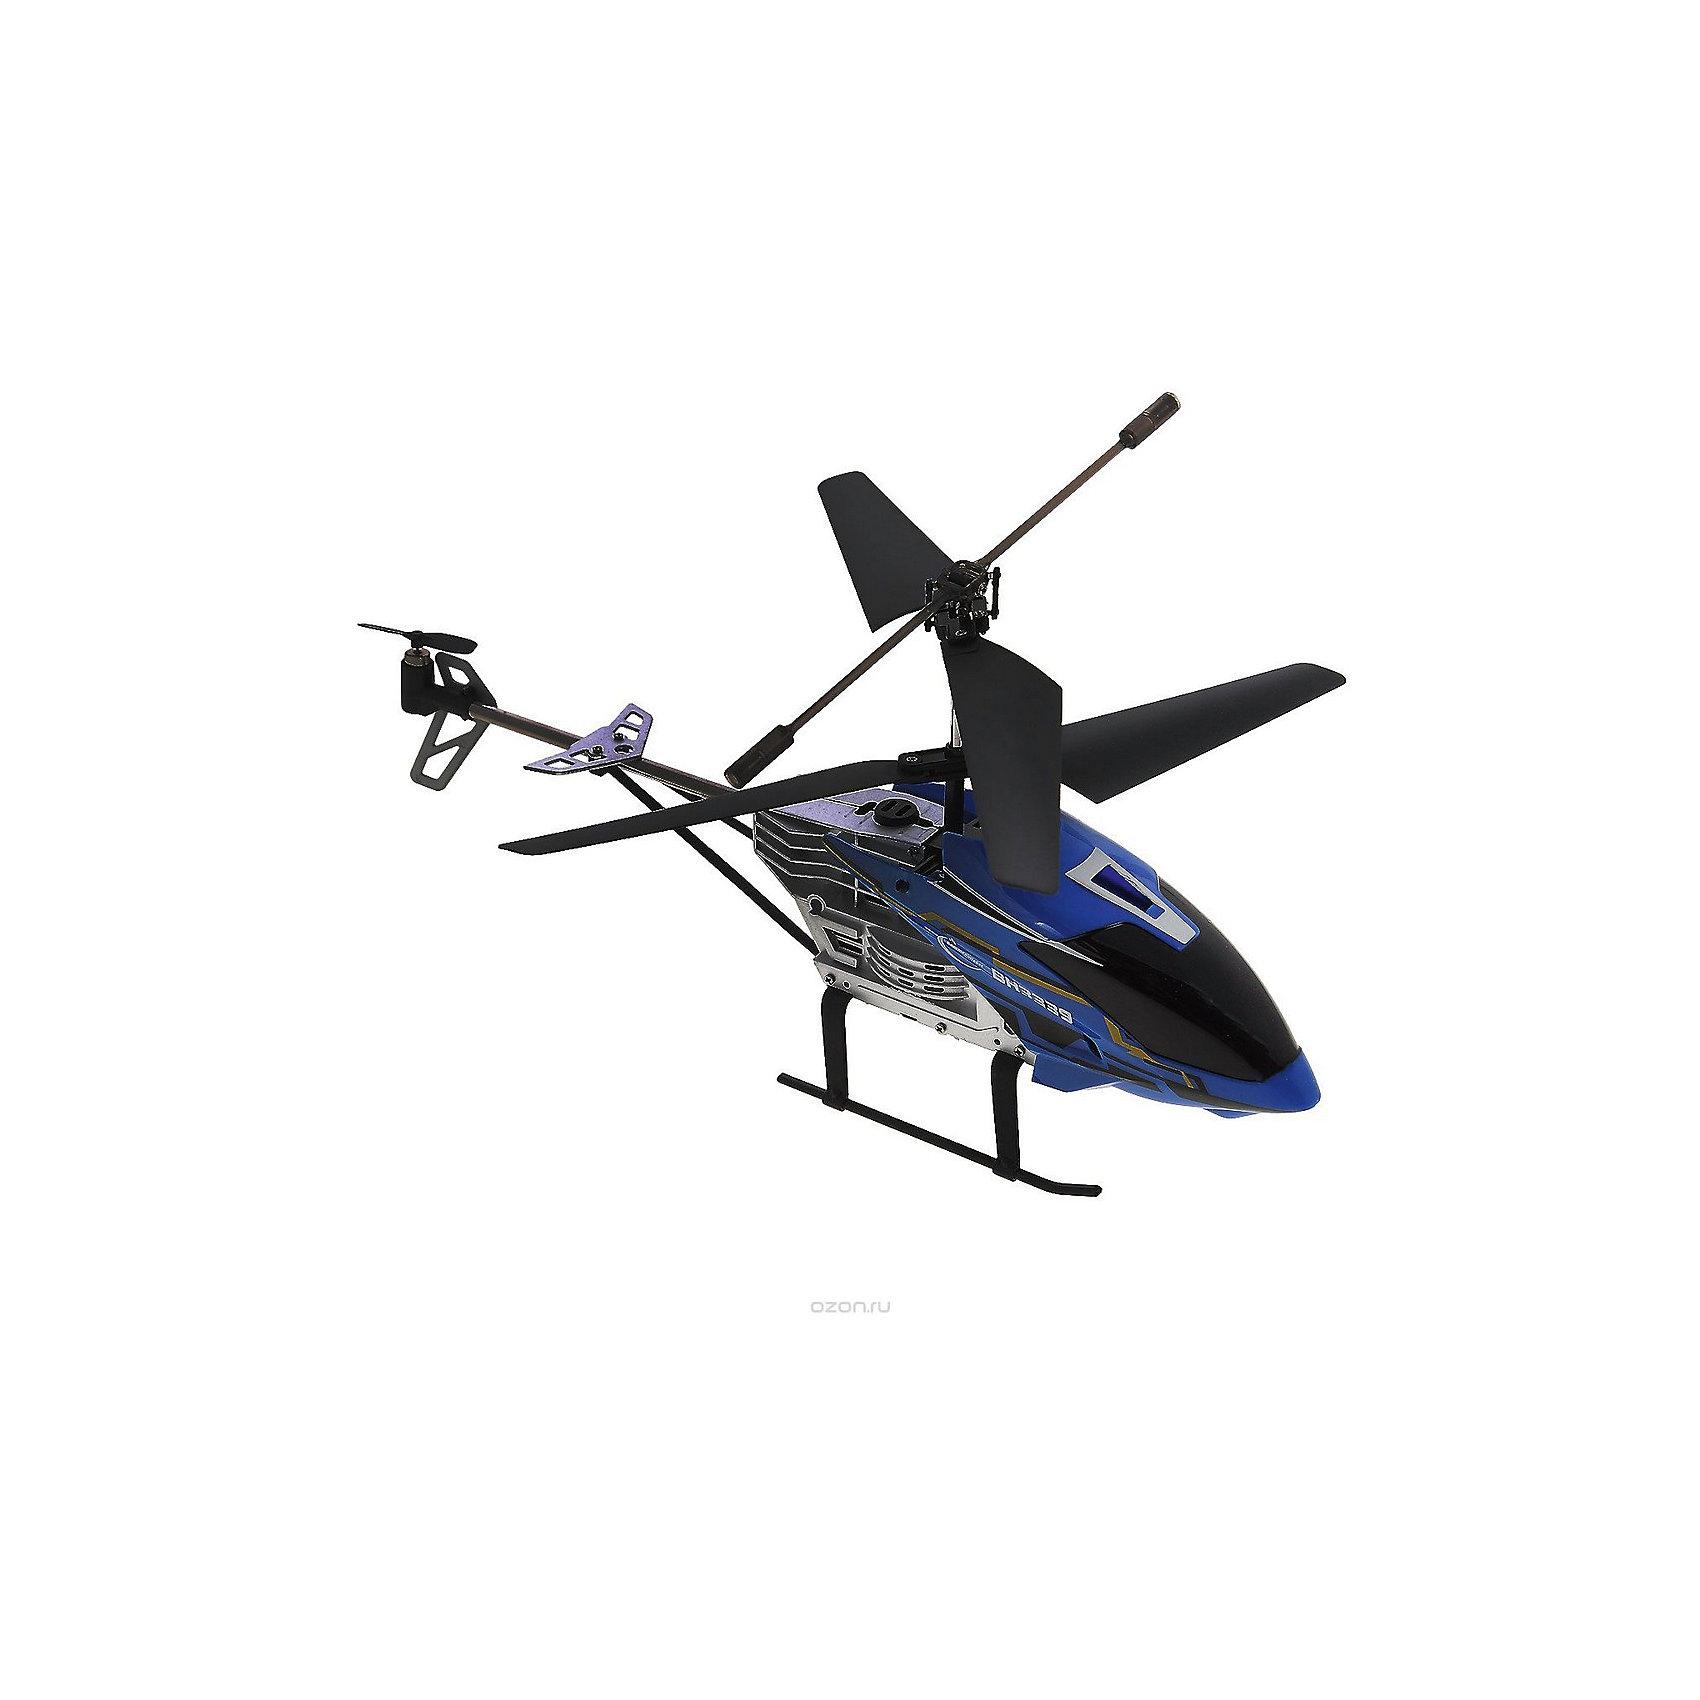 Вертолет на р/у Крепыш с гироскопом и турбоускорением, синий, Властелин небесРадиоуправляемый транспорт<br>Вертолет на р/у Крепыш с гироскопом и турбоускорением, синий, Властелин небес<br><br>Характеристики:<br><br>• два режима скорости<br>• умеет летать вверх, вниз и в разные стороны<br>• может зависать в воздухе благодаря гироскопу<br>• выдерживает нагрузку до 100 кг<br>• очень прочный<br>• радиус работы пульта: до 10 метров<br>• в комплекте: вертолет, ПДУ, аккумулятор, запасные лопасти, зарядное устройство<br>• батарейки: АА - 6 шт. (в комплект не входят)<br>• размер упаковки: 7,5х20х49,5 см<br>• электропитание: мощность 3,7 Вт<br>• размер вертолета: 30х12х14 см<br>• цвет: синий<br><br>Вертолет Крепыш заслужил такое название благодаря прочному и крепкому материалу. Крепыш даже способен выдерживать нагрузки до 100 кг. Вертолет поднимается вверх, опускается вниз, летает вправо и влево, а также зависает в воздухе благодаря гироскопу. Ко всему прочему, Крепыш оснащен функцией турбоускорения. Радиус действия пульта составляет 10 метров. На случай поломки в комплект входят запасные детали.<br>Необходимы батарейки АА, 6 шт. (не входят в комплект)<br><br>Вертолет на р/у Крепыш с гироскопом и турбоускорением, синий, Властелин небес можно купить в нашем интернет-магазине.<br><br>Ширина мм: 75<br>Глубина мм: 495<br>Высота мм: 200<br>Вес г: 670<br>Возраст от месяцев: 144<br>Возраст до месяцев: 2147483647<br>Пол: Мужской<br>Возраст: Детский<br>SKU: 5397080